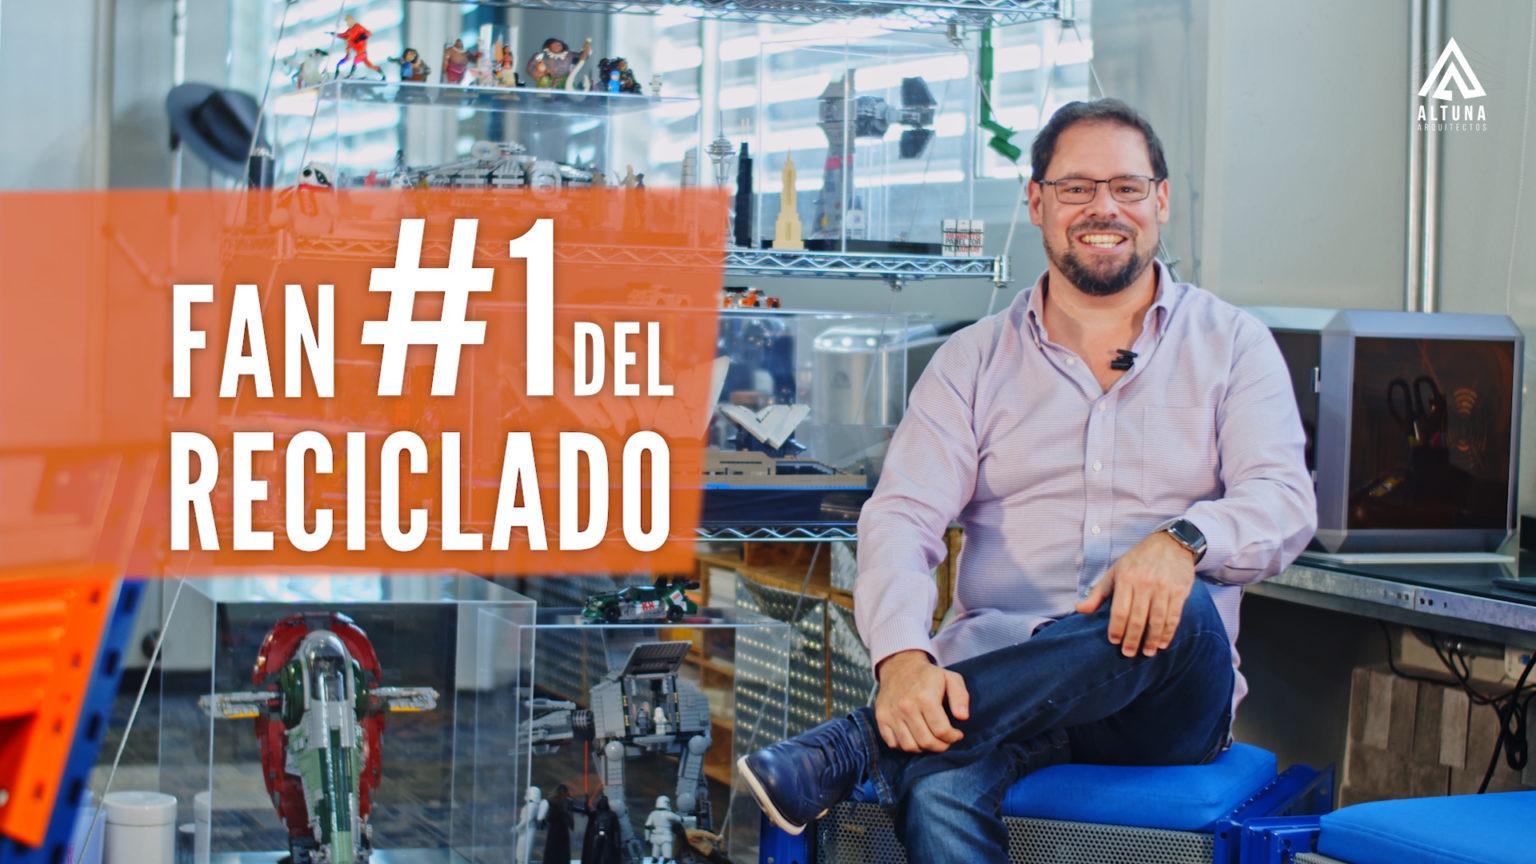 Arquitecto Antonio Altuna Fan del Reciclado